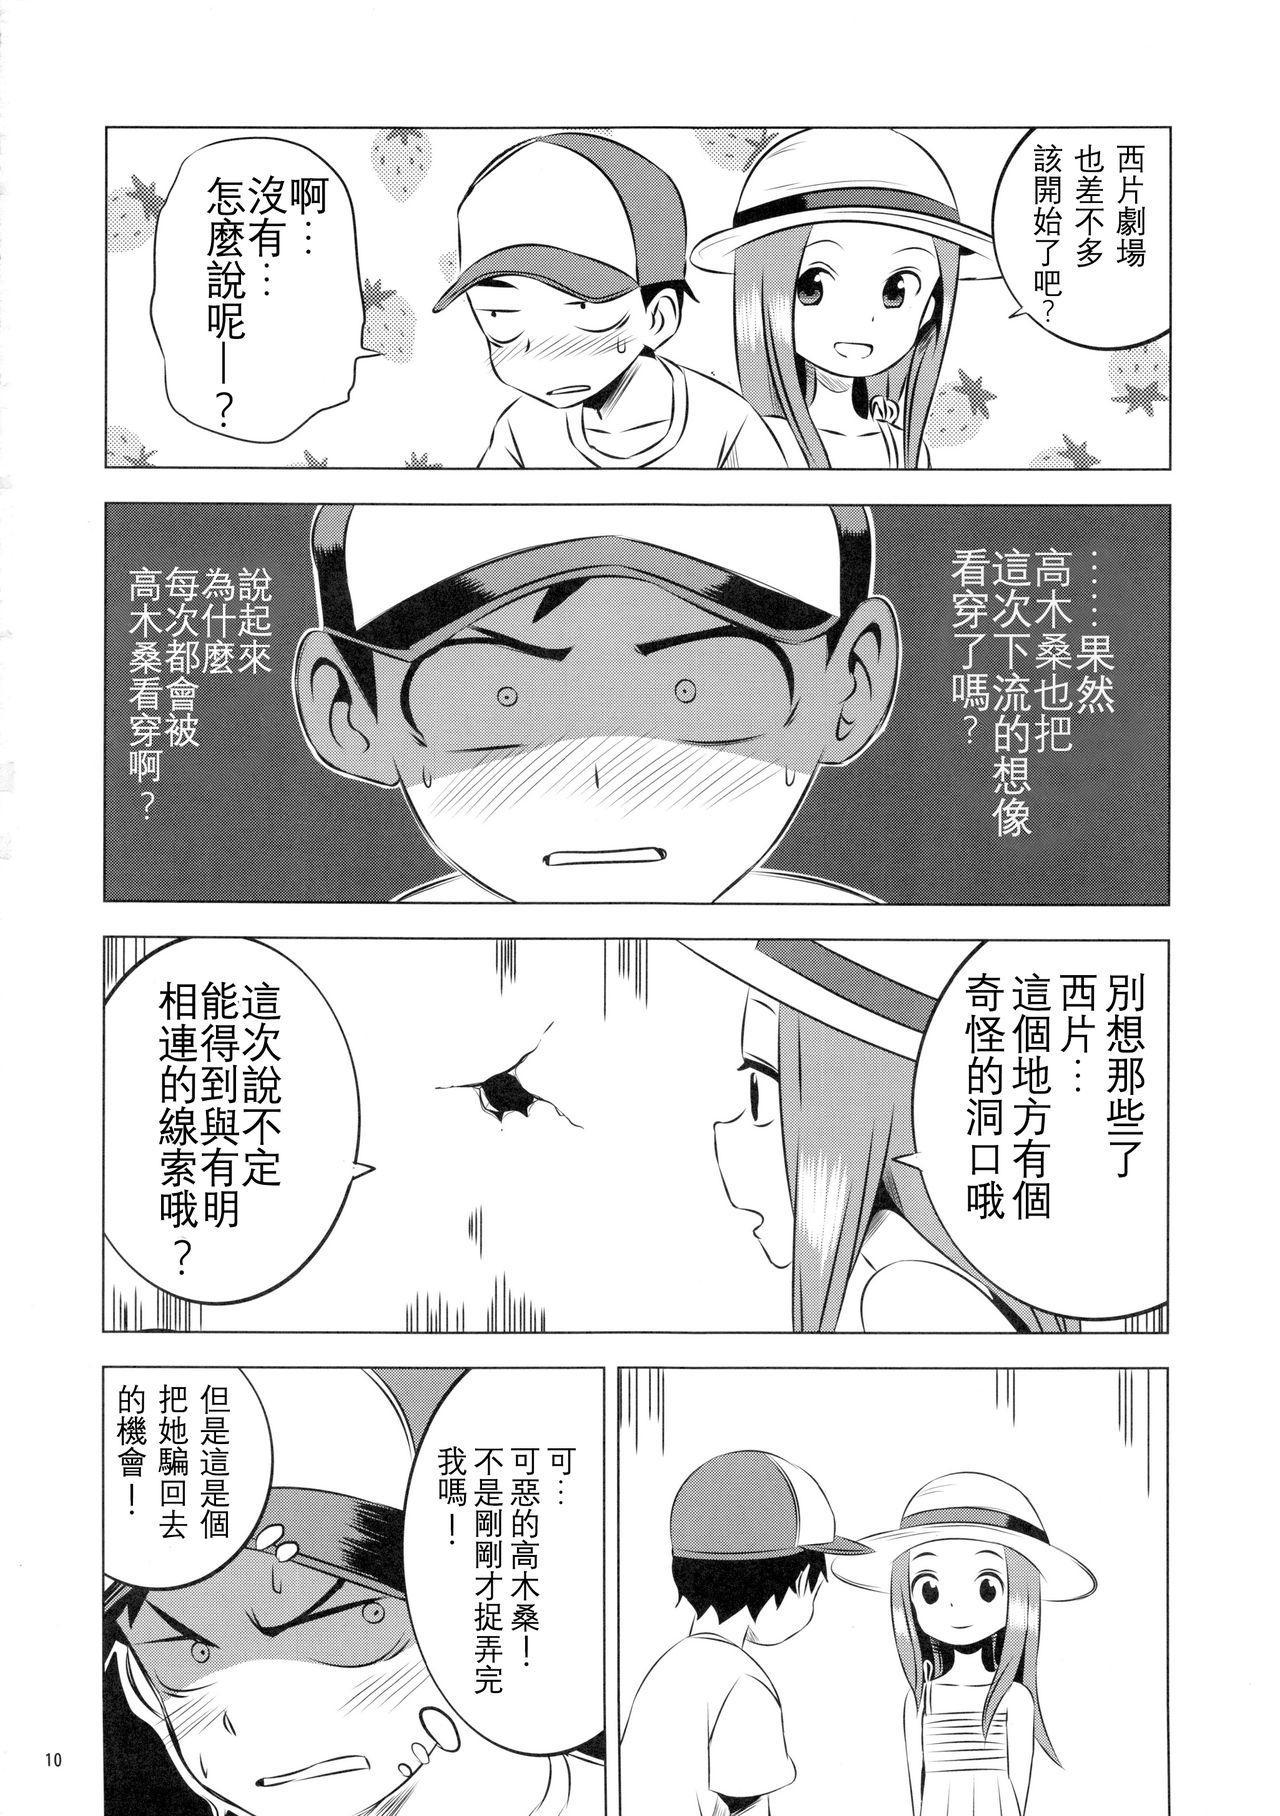 (C92) [Kakohimenoutuwa (Yuumazume)] Kyou mo Nishikata-kun wa Takagi-san ni Misukasareteru 4 (Karakai Jouzu no Takagi-san) [Chinese] [星幽漢化組] 10